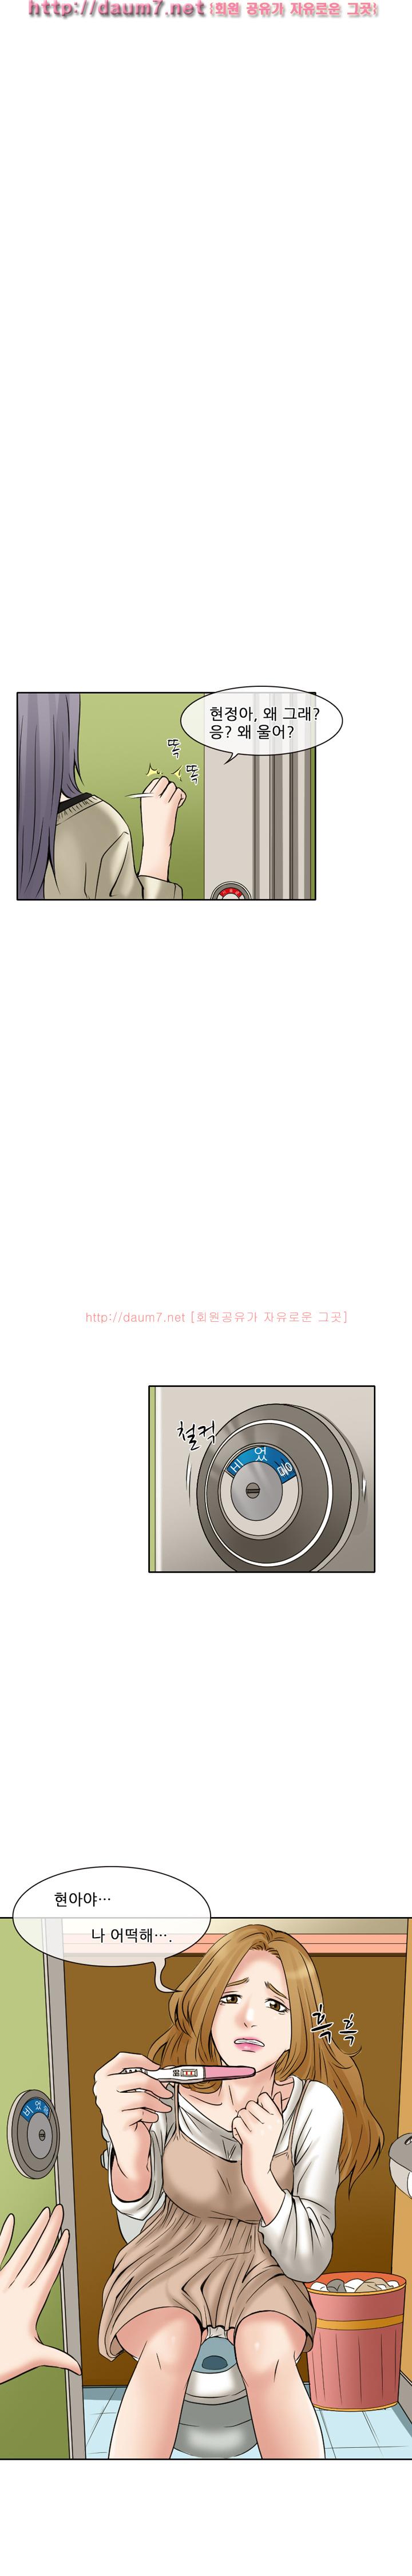 6293ce_b5580d2ac4ba4e53b92e8a4499bf0e9c.